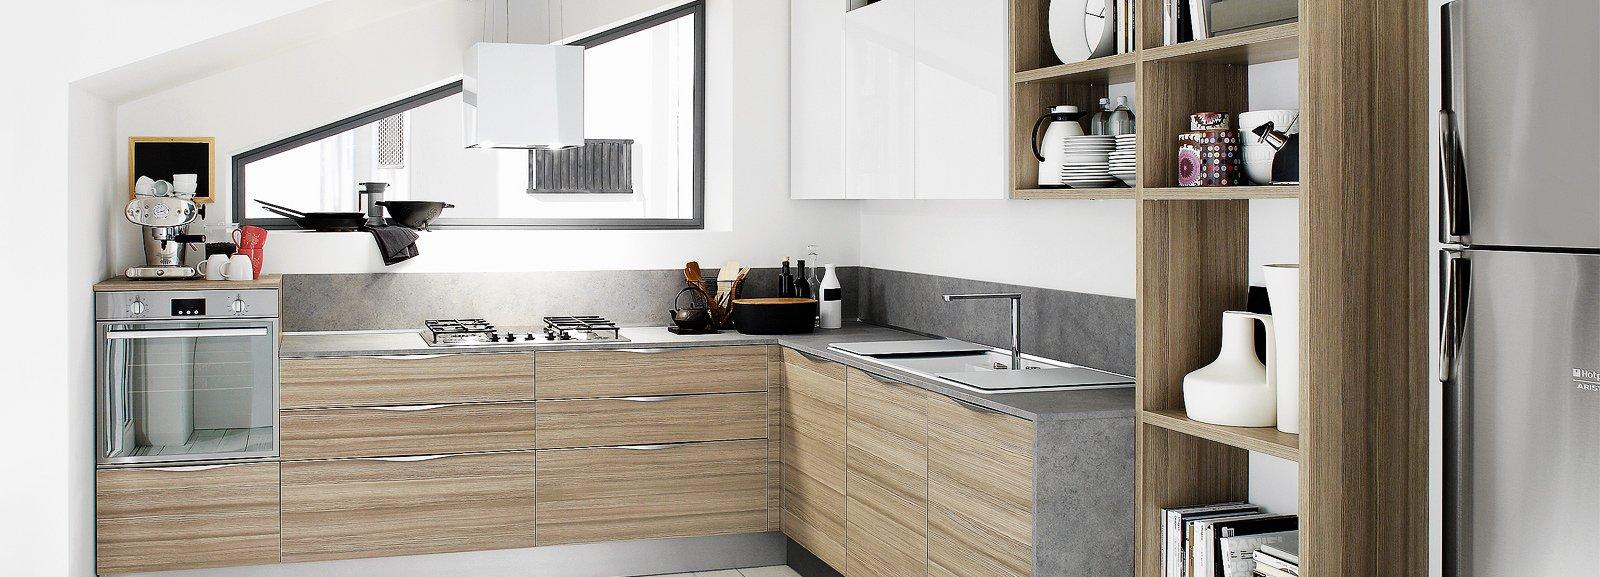 Cucina piccola che tavolo scelgo cose di casa - Tavolo per cucina piccola ...